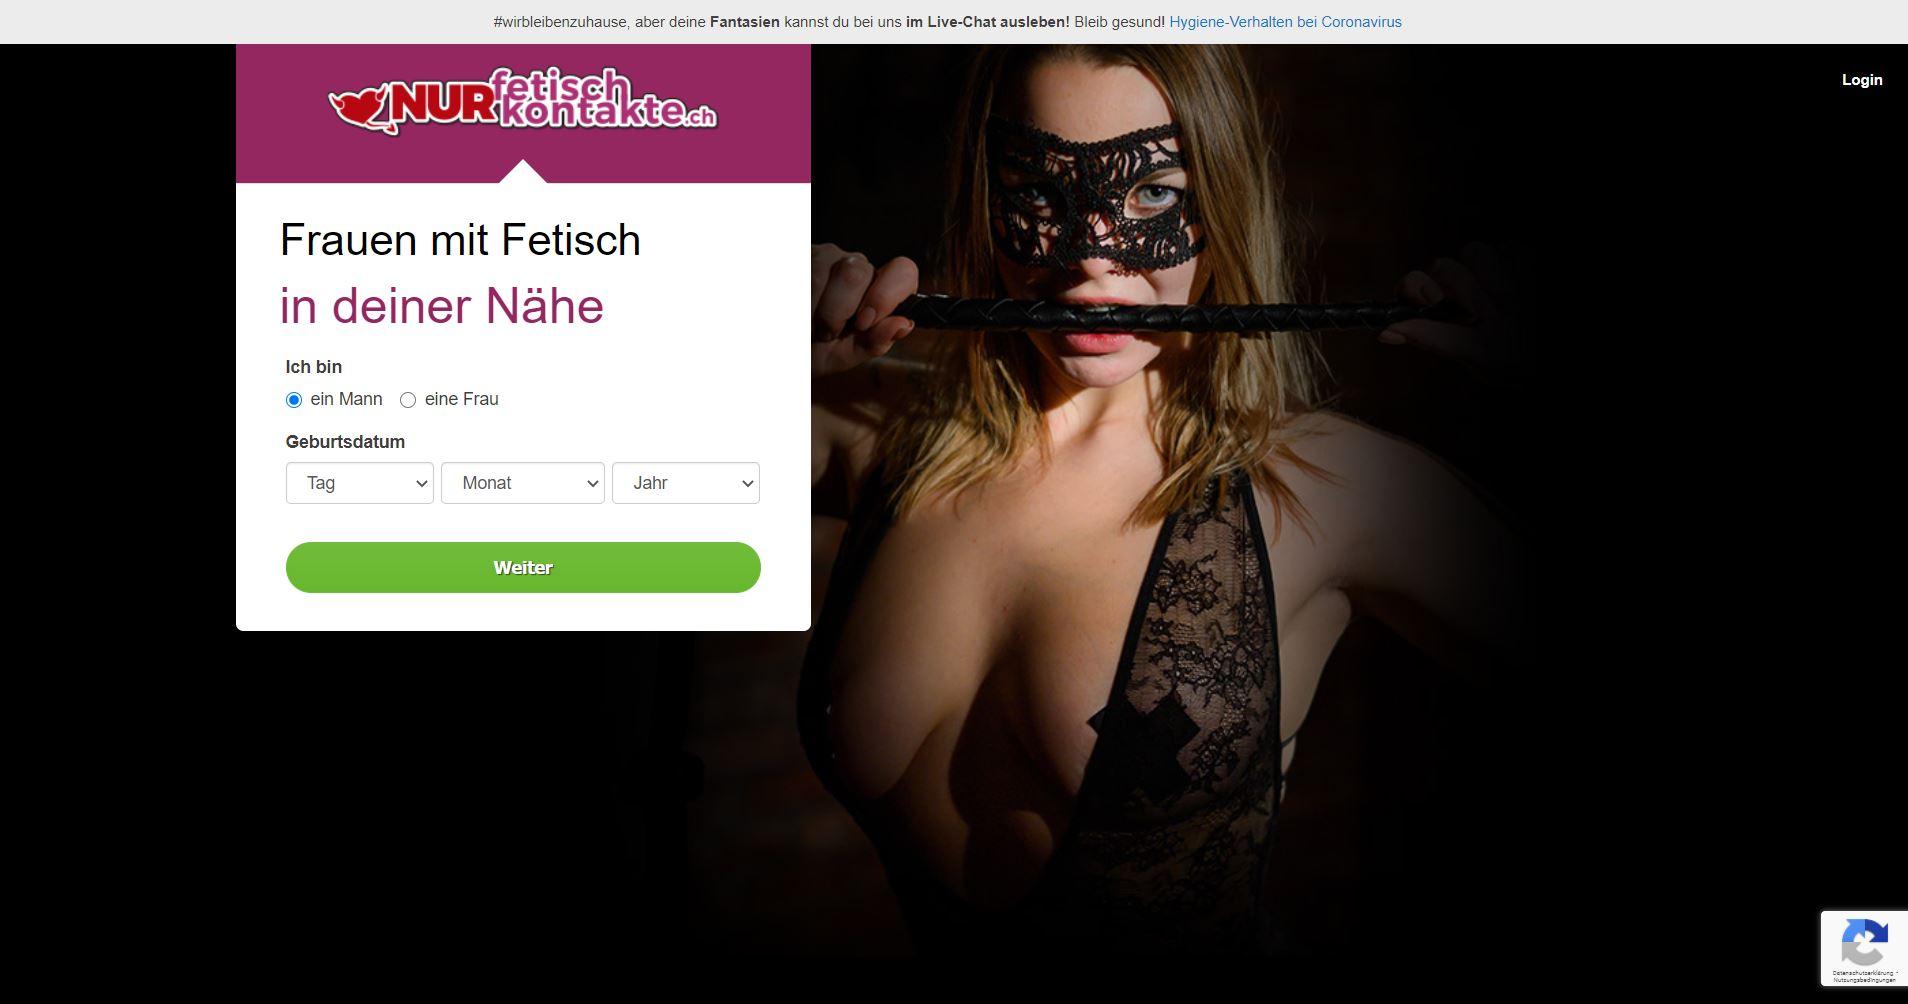 Testbericht - NurFetischKontakte.ch Abzocke